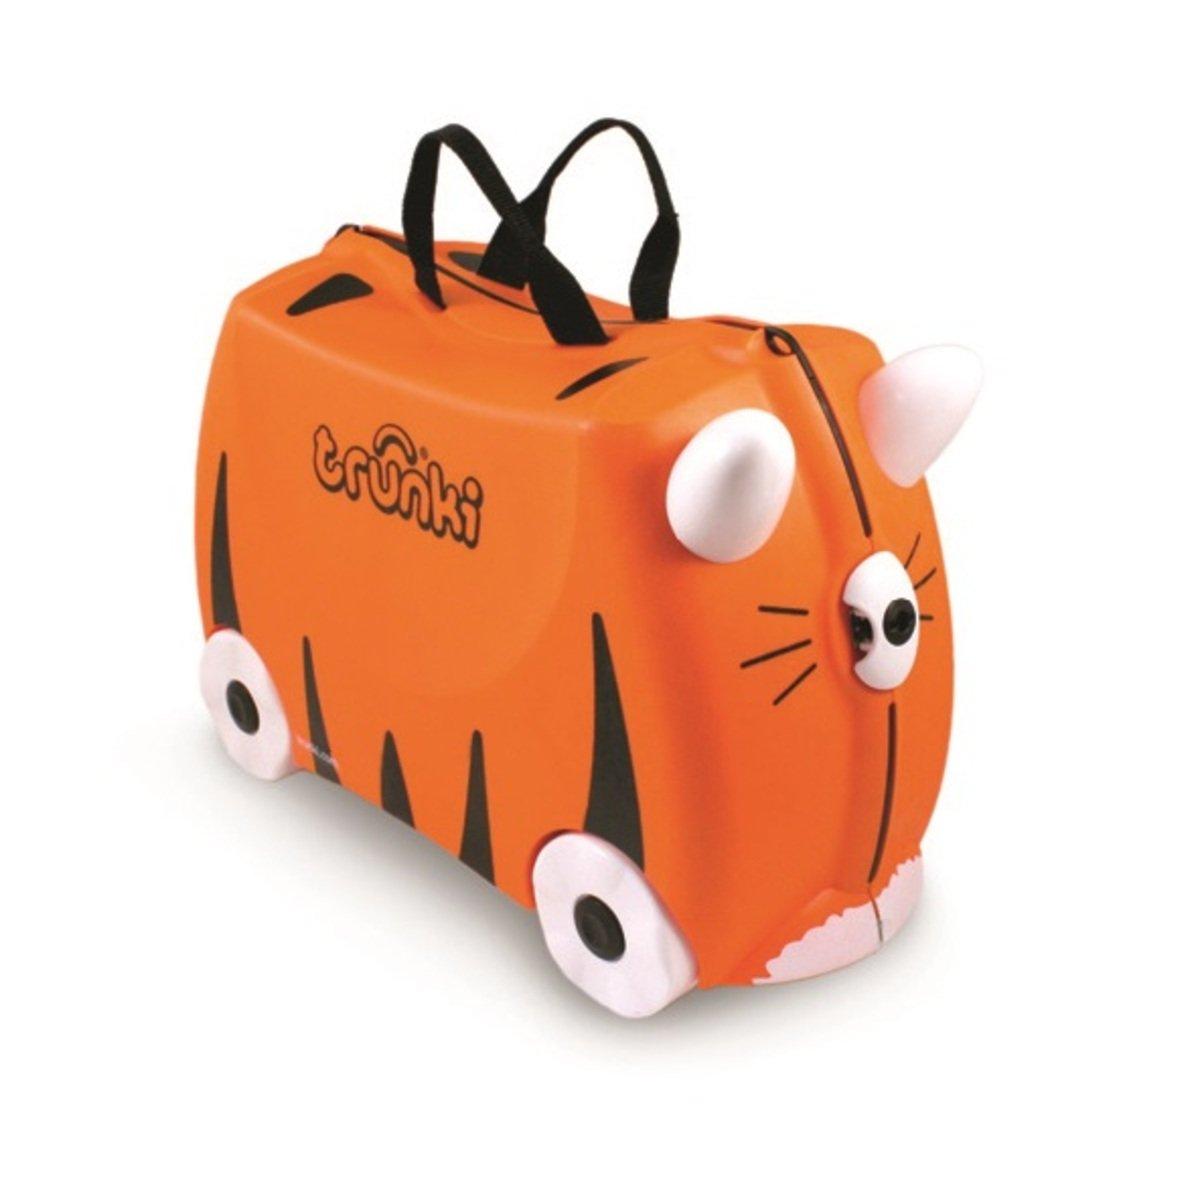 小朋友行李箱 - 小老虎